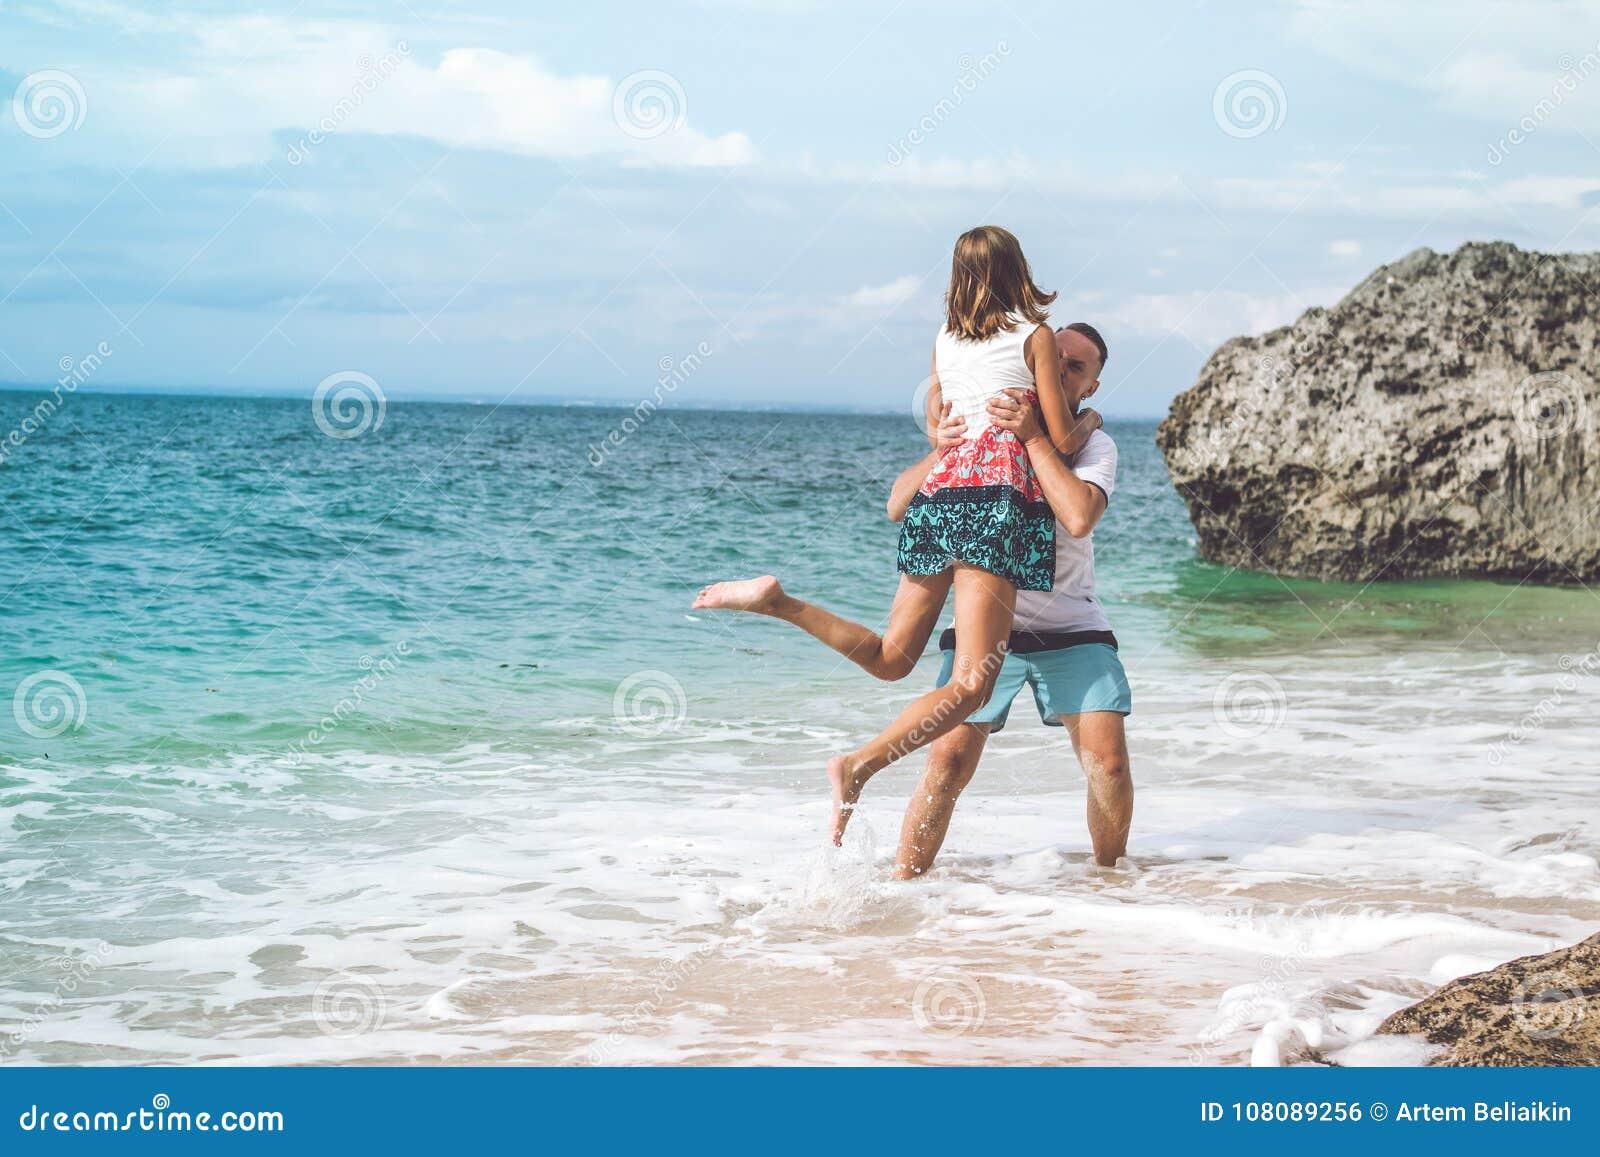 Ευτυχές νέο ζεύγος μήνα του μέλιτος που έχει τη διασκέδαση στην παραλία Ωκεάνιες, τροπικές διακοπές στο νησί του Μπαλί, Ινδονησία